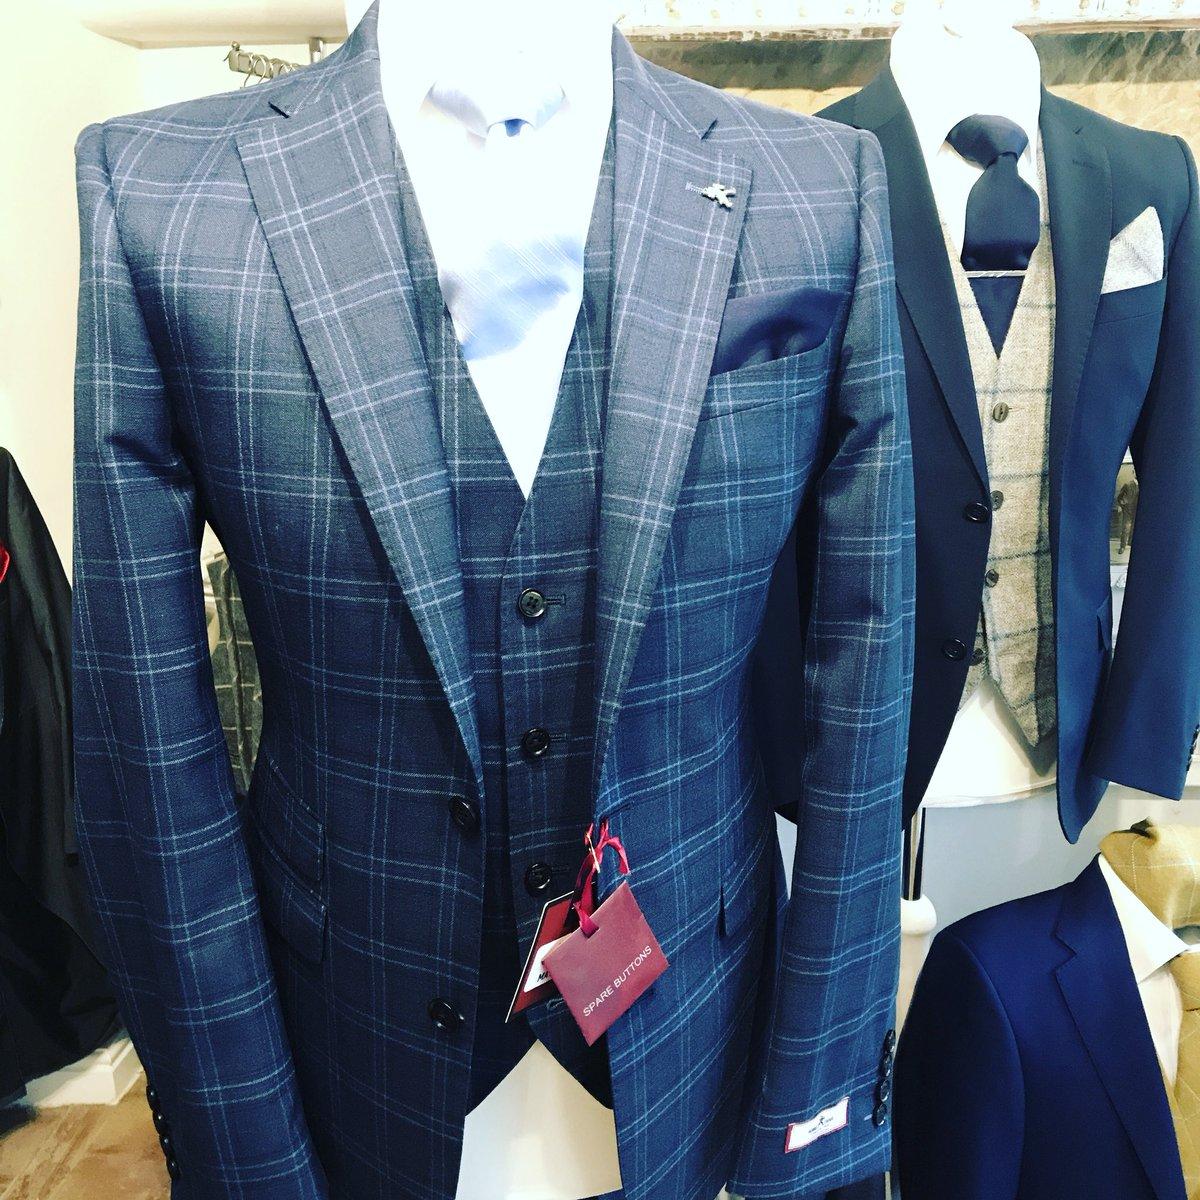 Old Fashioned Burton Wedding Suit Hire Elaboration - All Wedding ...